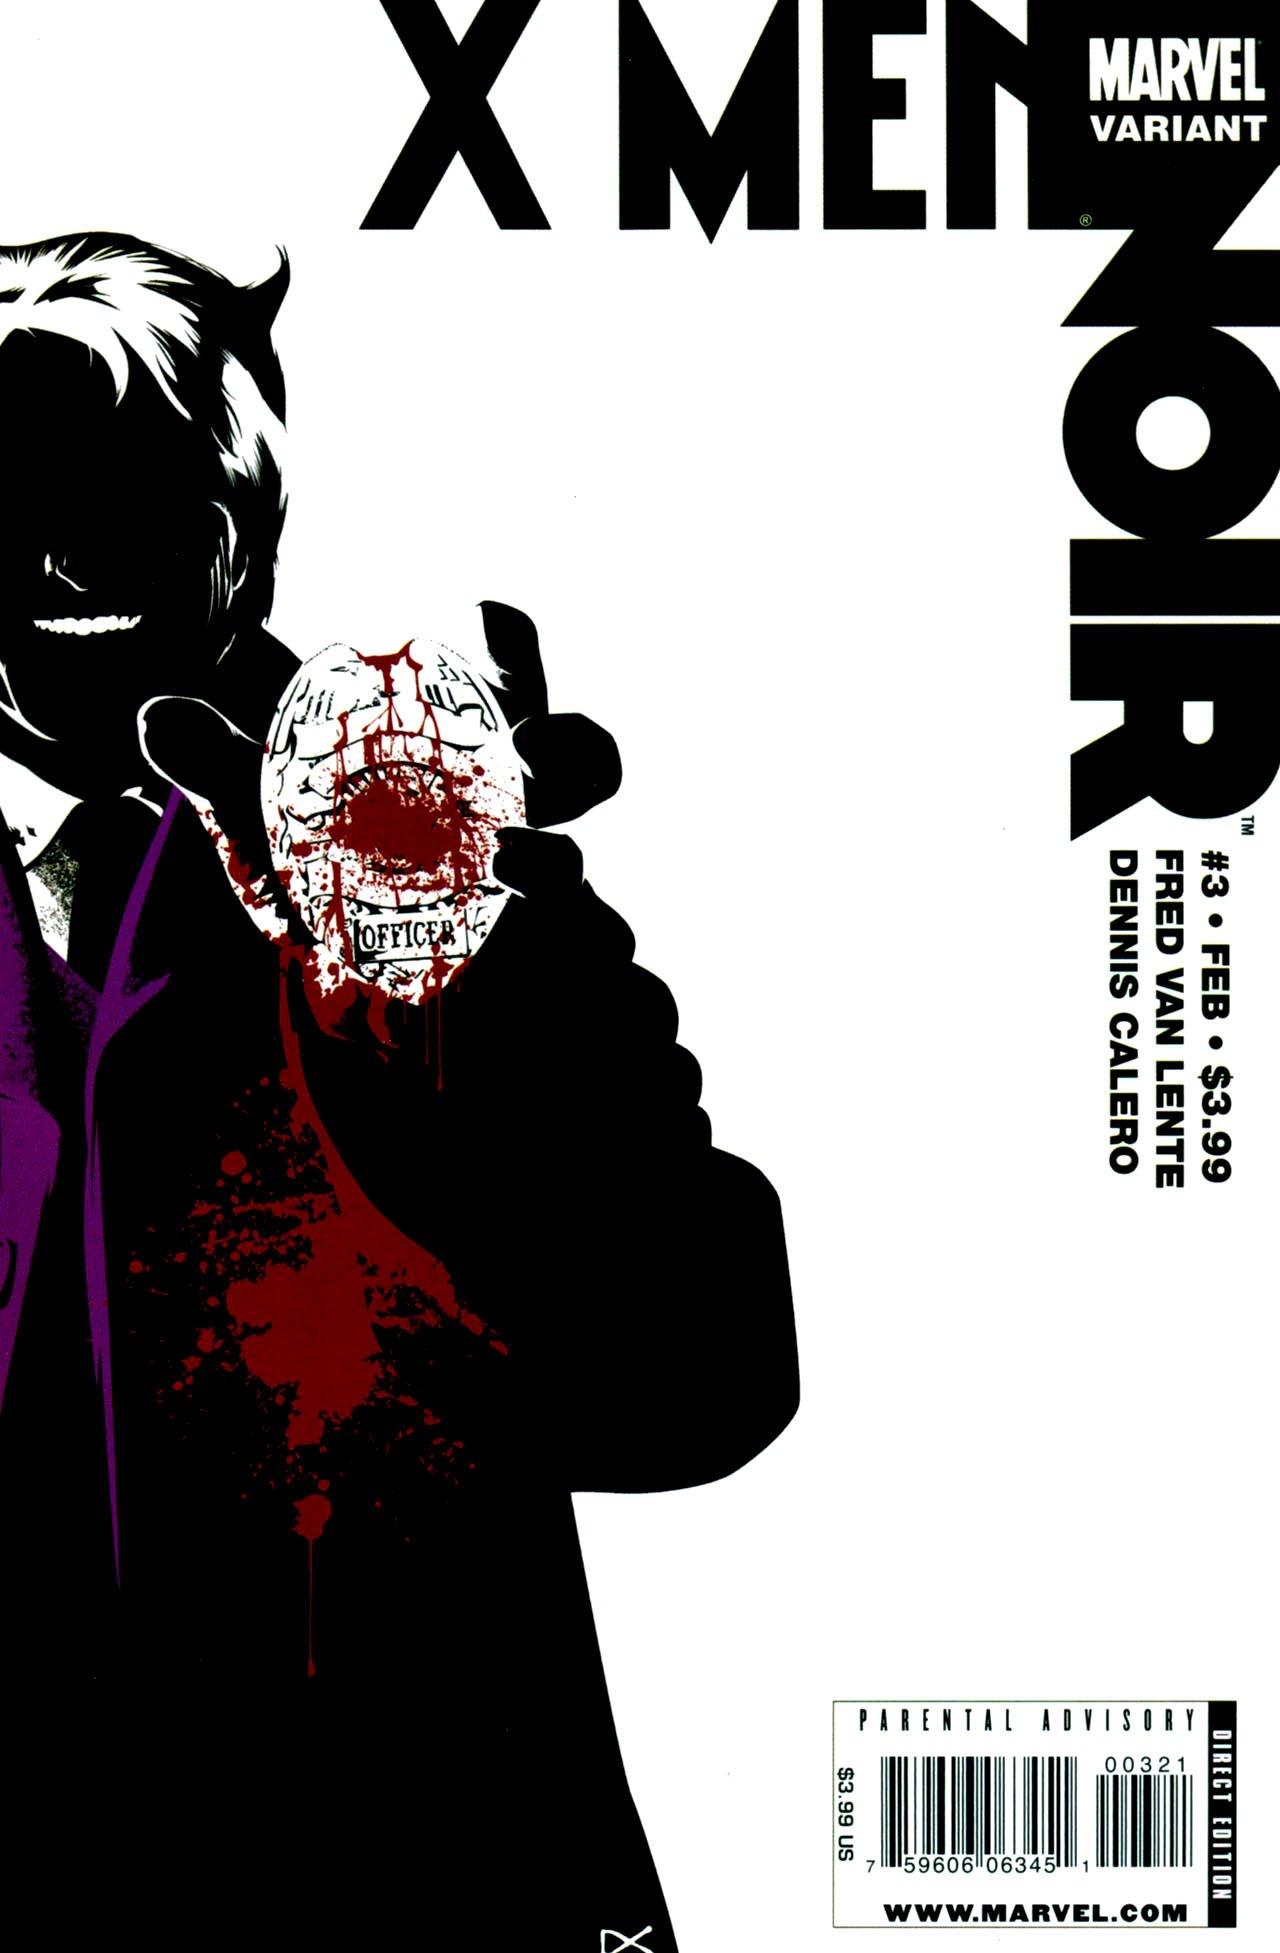 """Топ 16 злодеев серии комиксов """"Marvel Noir"""". Часть 2. [Spoiler alert]. - Изображение 1"""